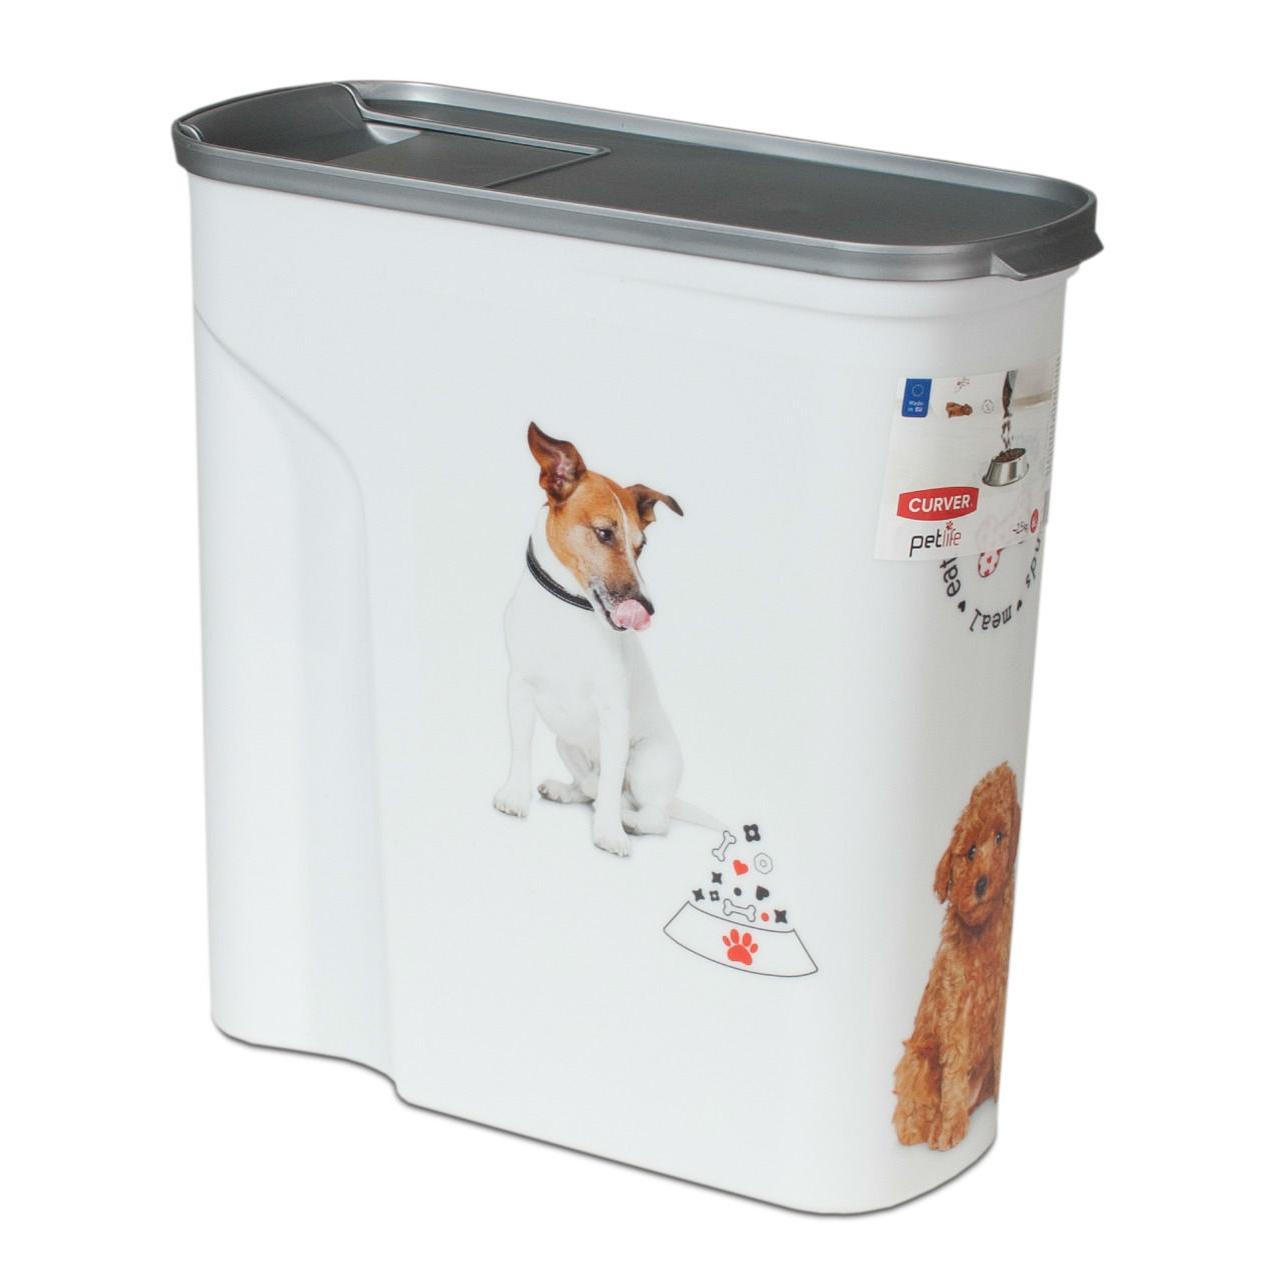 Curver Futtercontainer Hund, Bild 4